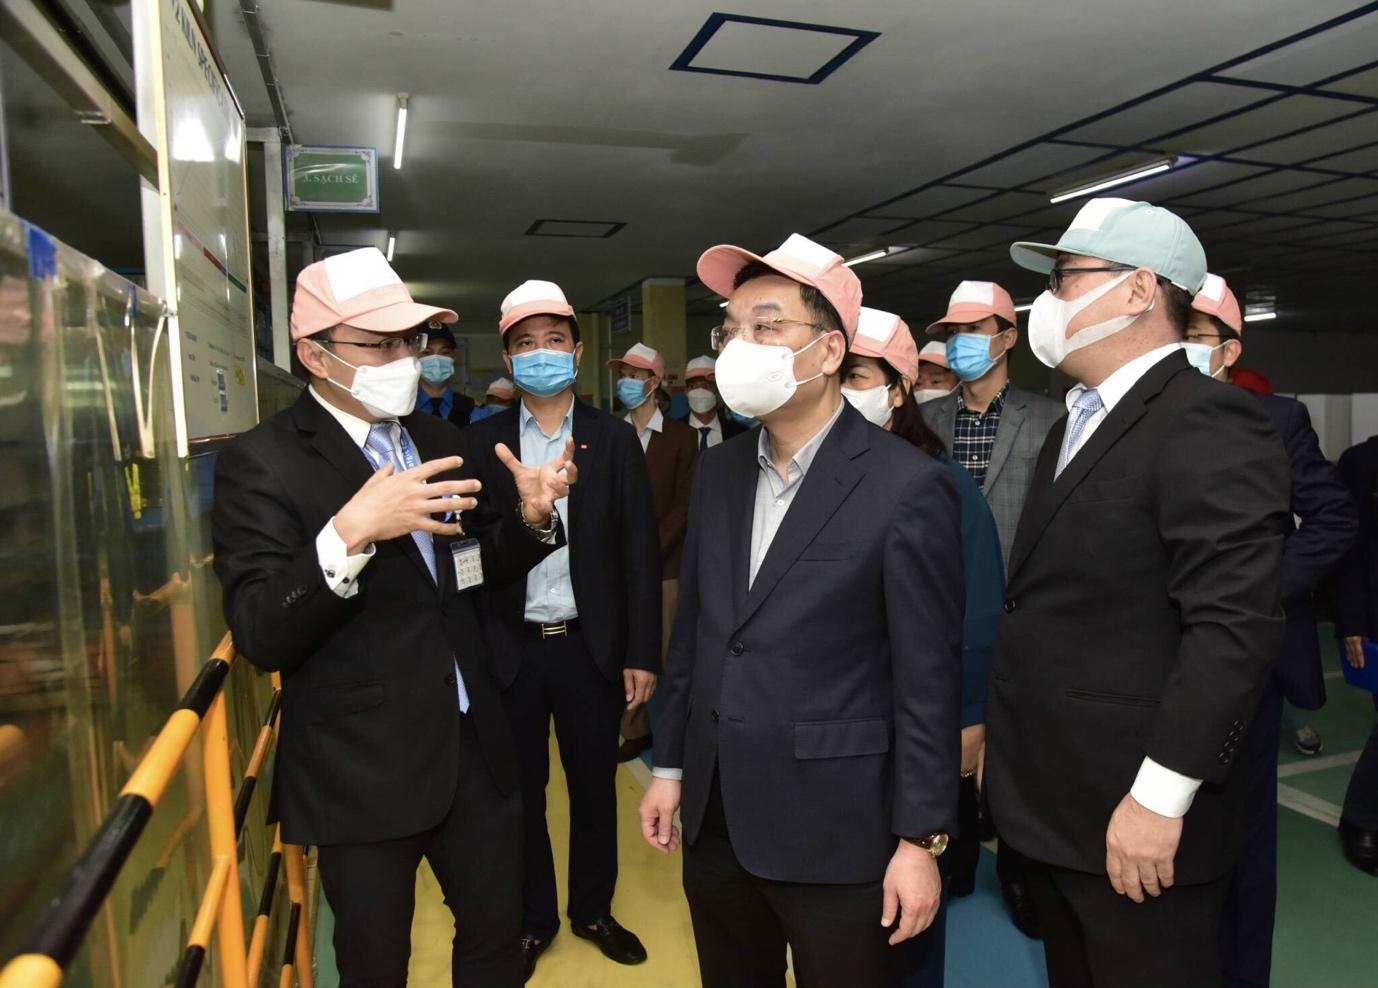 Chủ tịch UBND Hà Nội: Đột phá về công nghệ là giải pháp cho phòng chống dịch